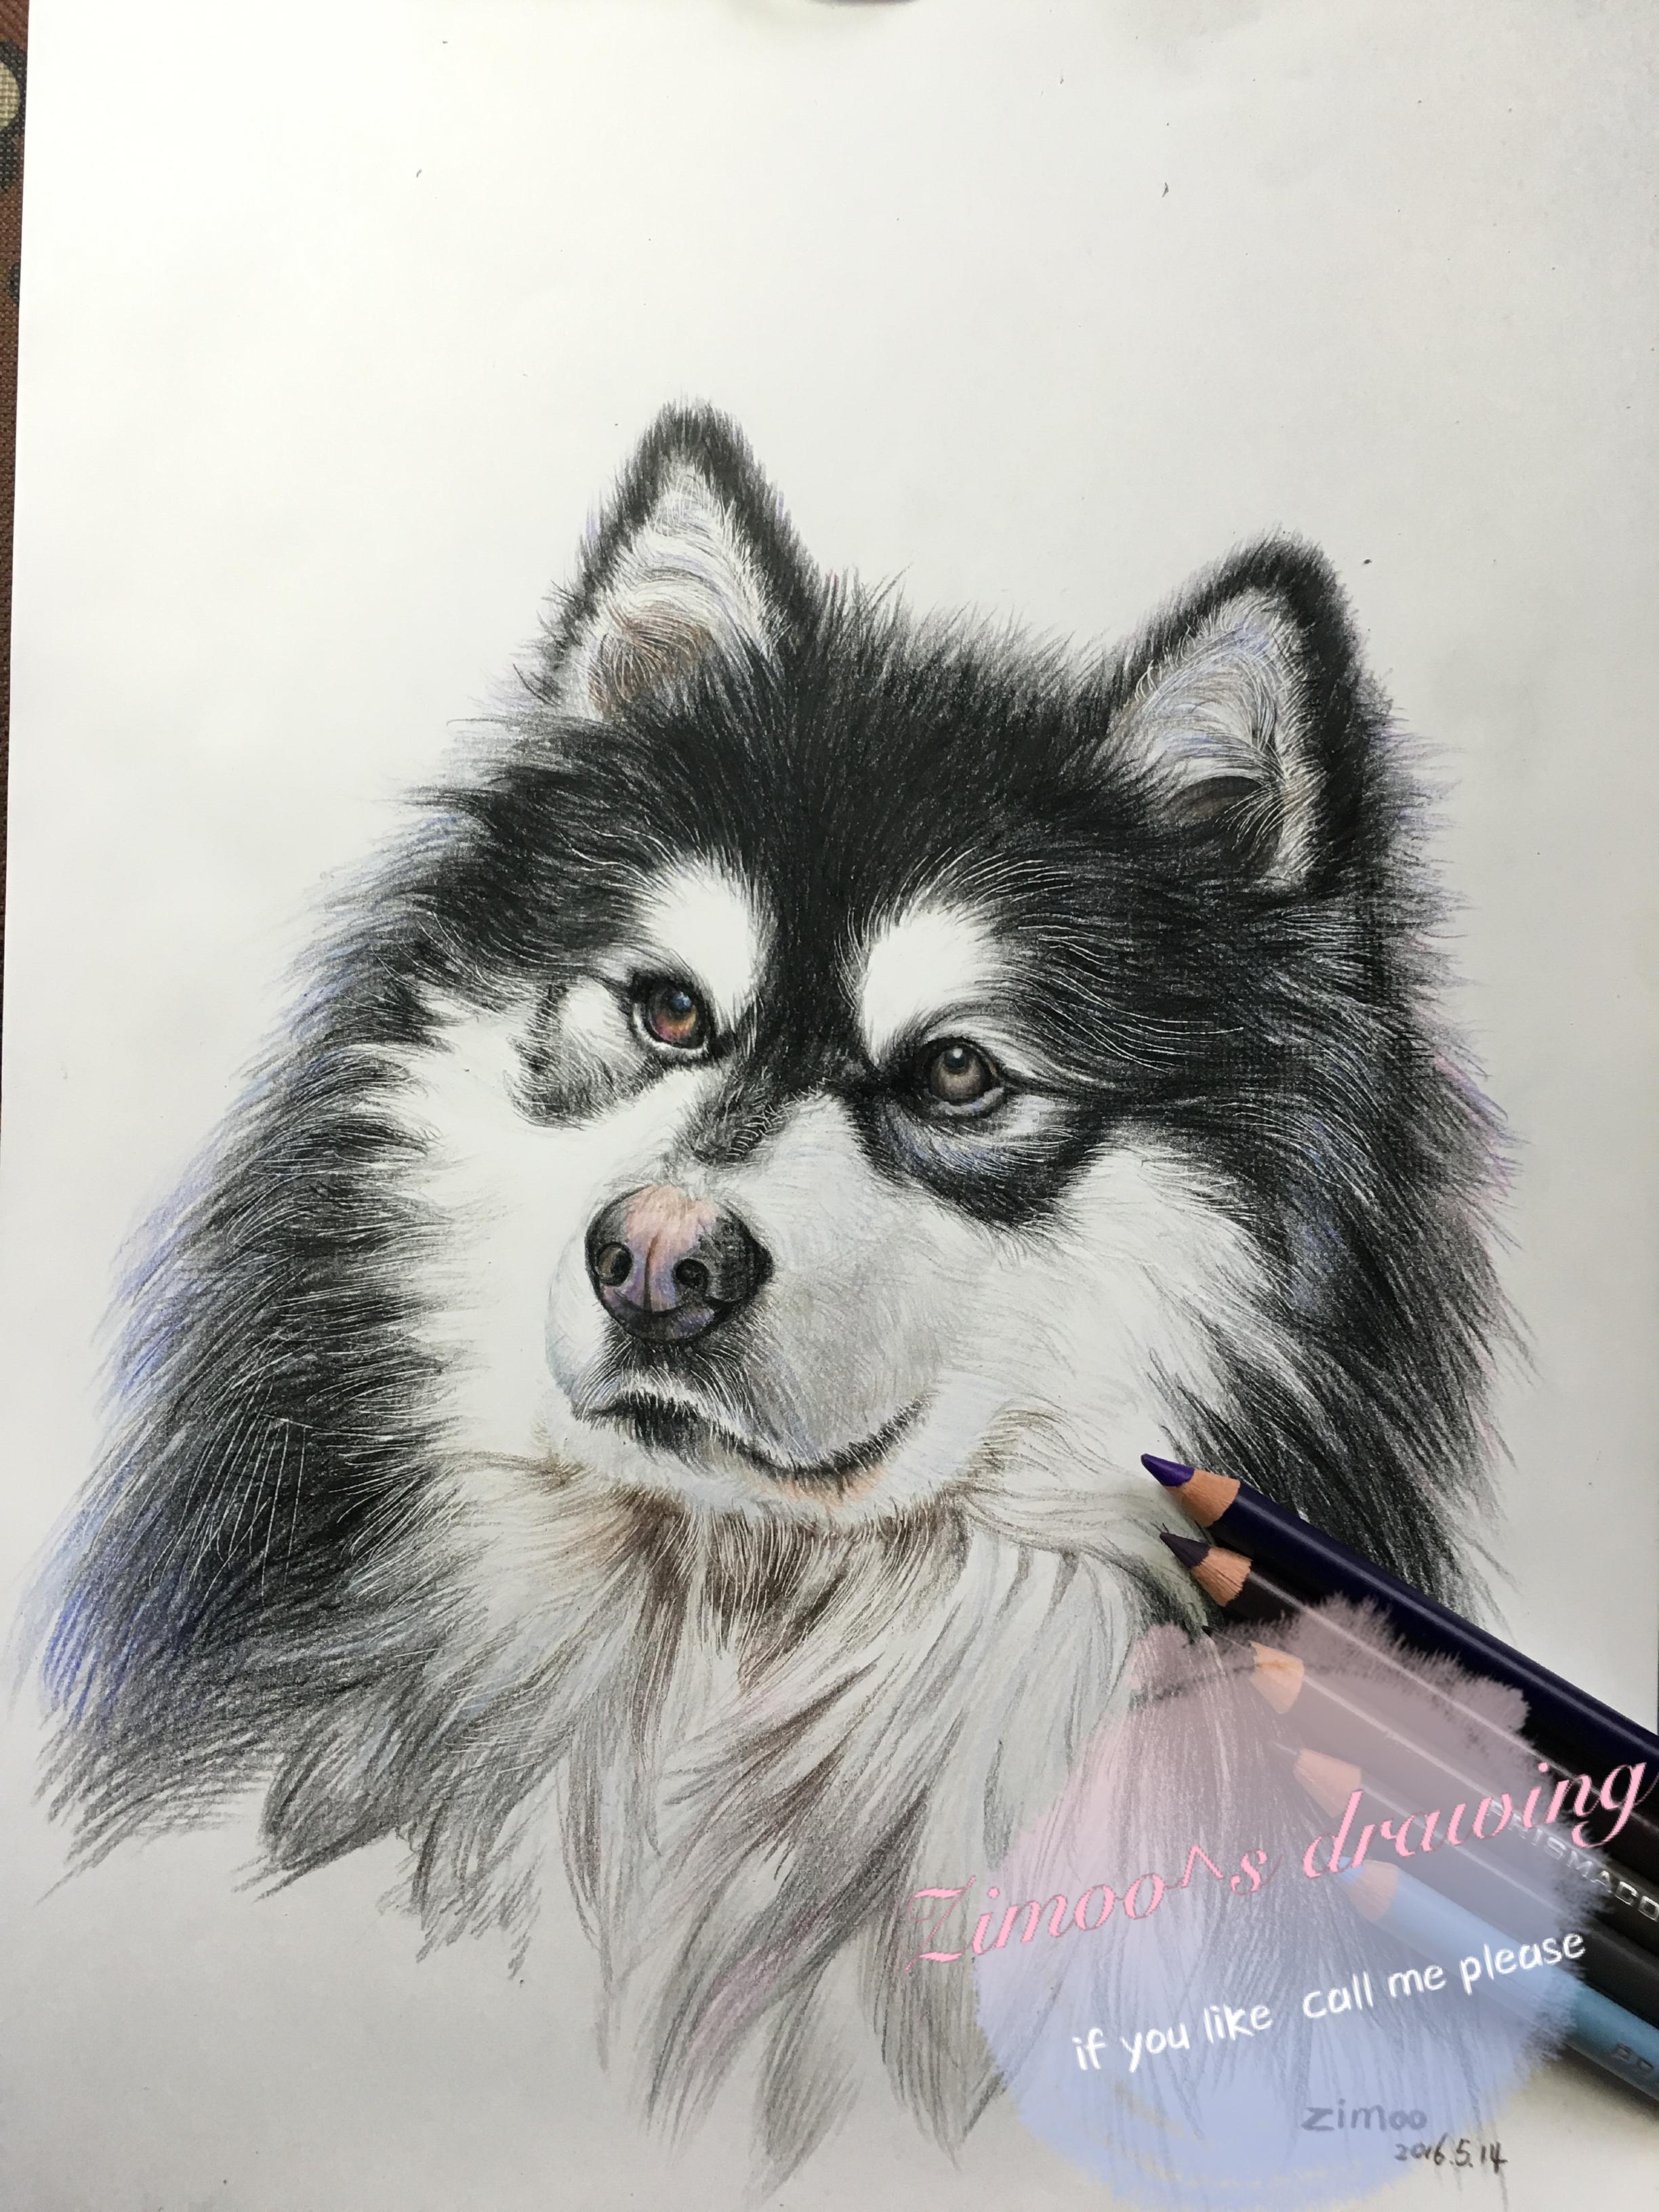 zimoo手绘彩铅动物——阿拉斯加